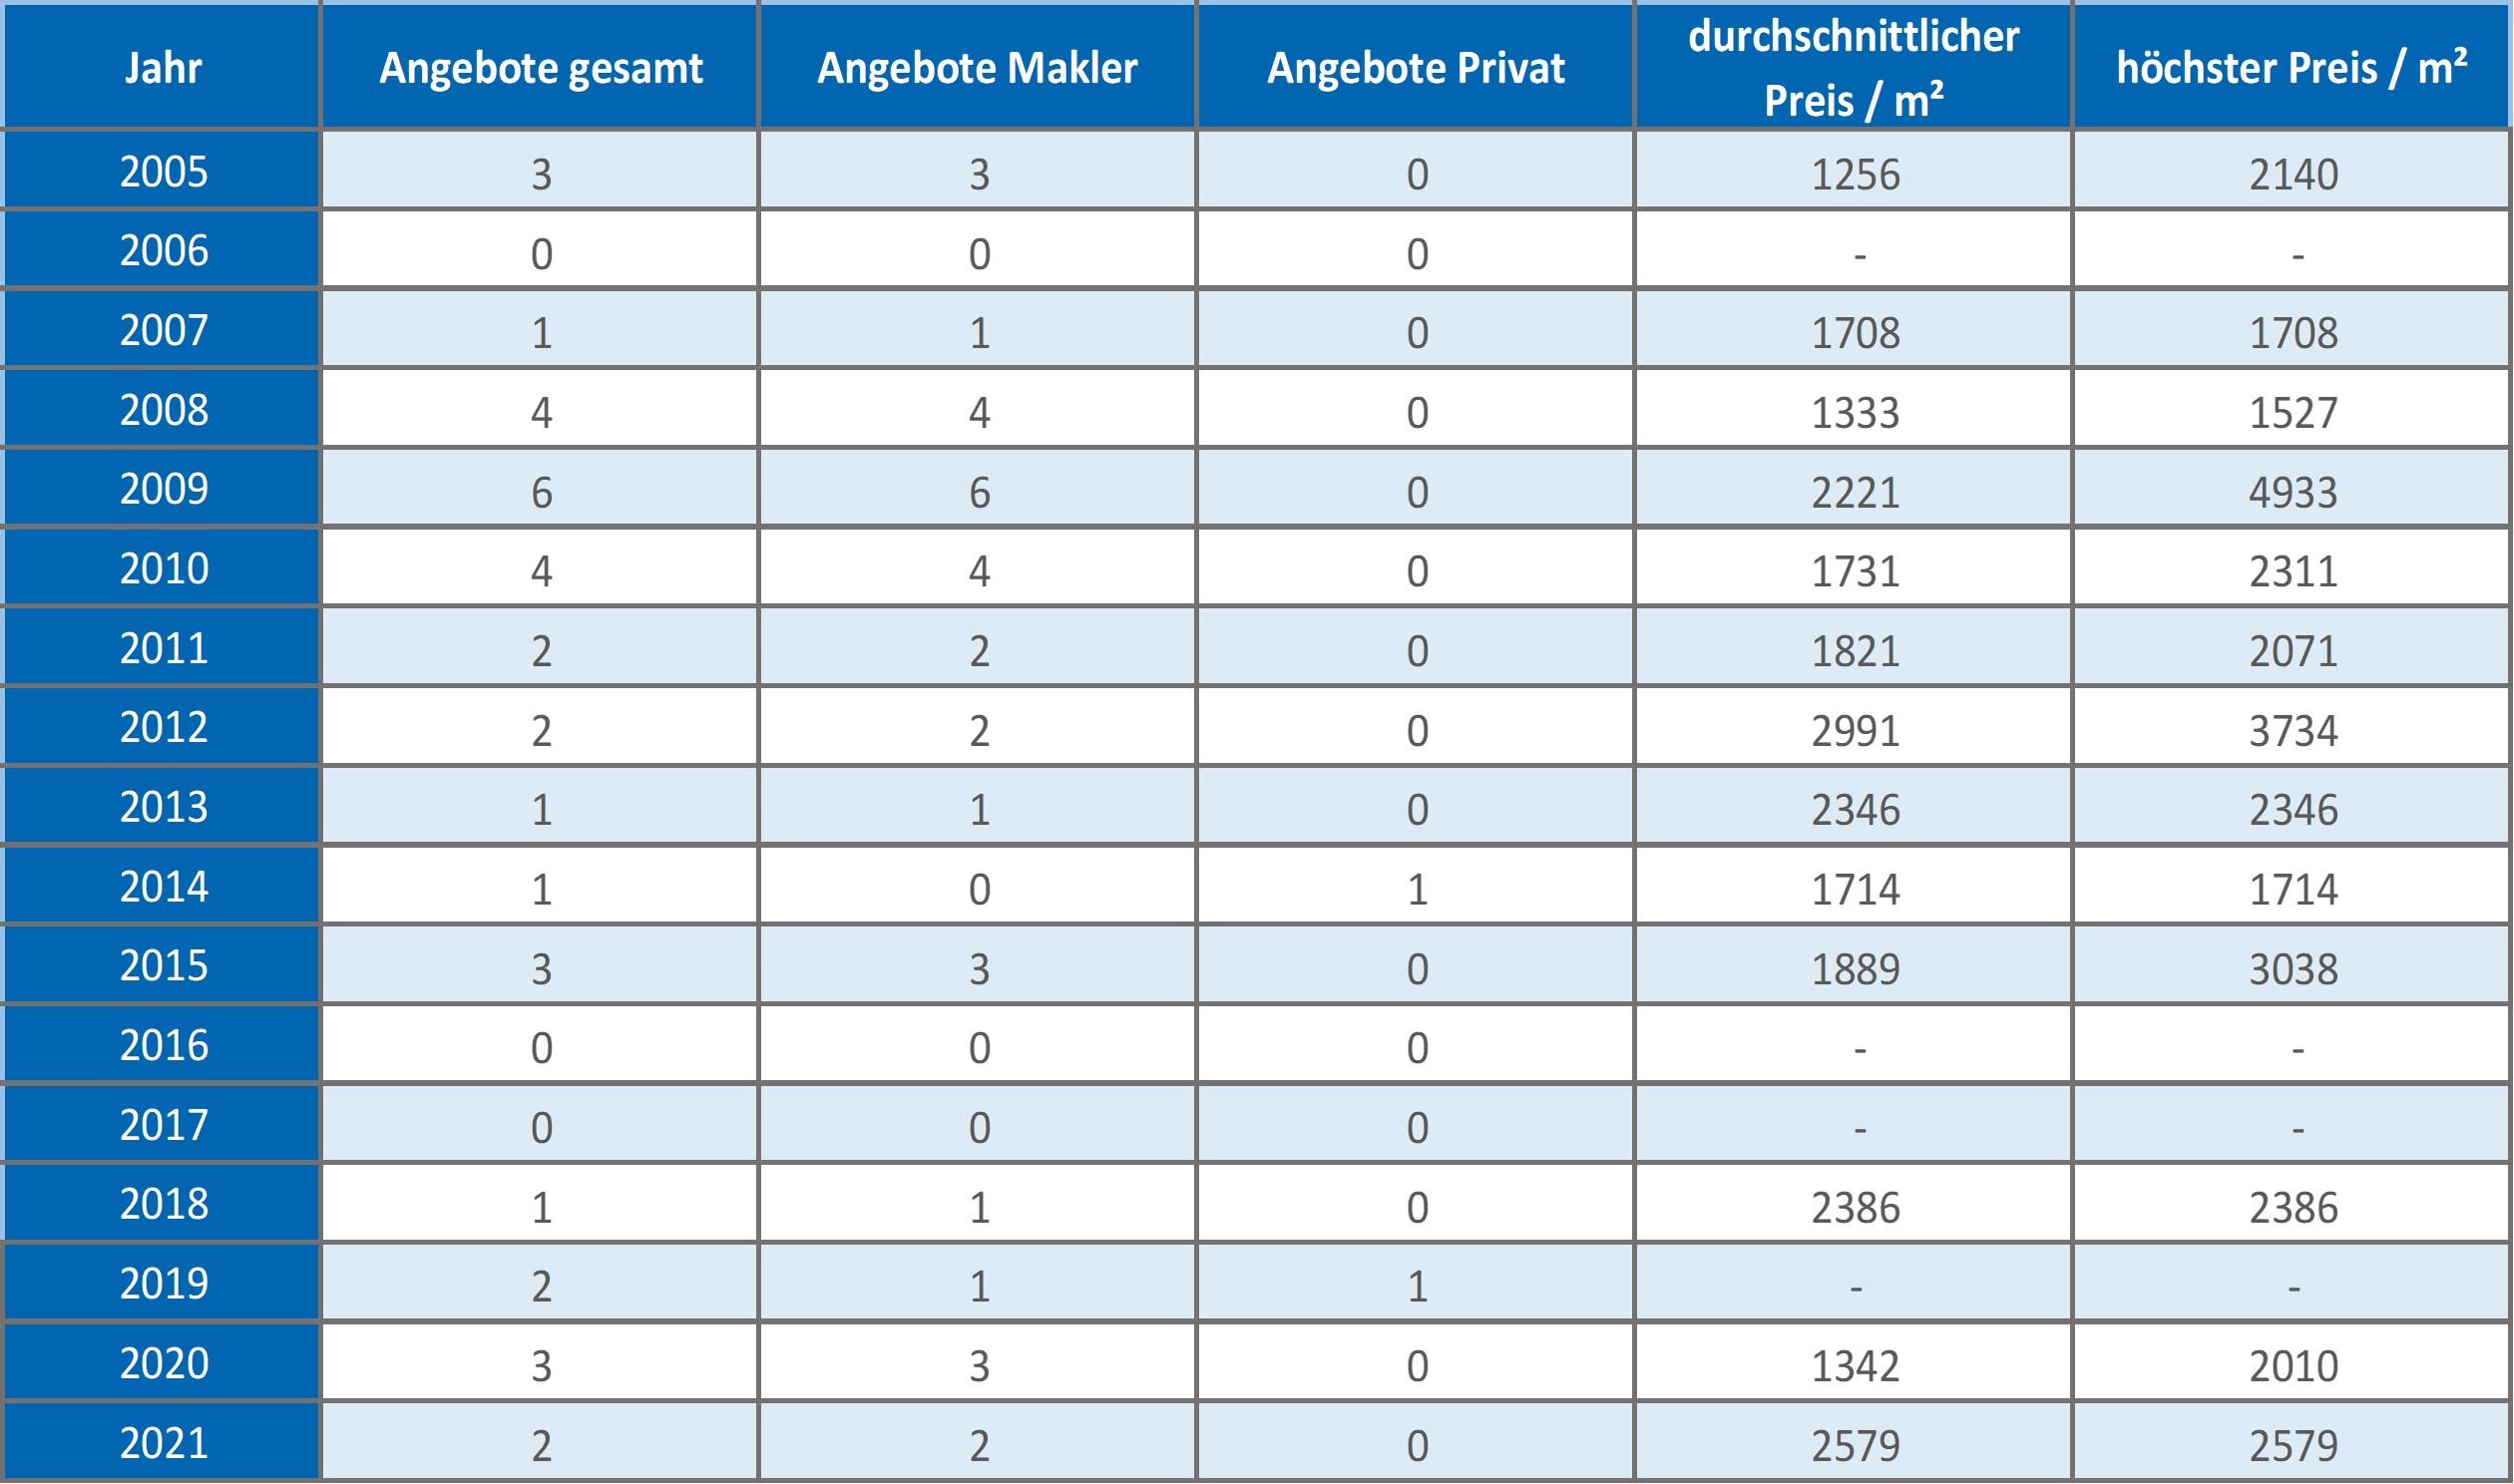 Bayrischzell-Mehrfamilienhaus-kaufen-verkaufen-Makler 2019, 2020, 2021